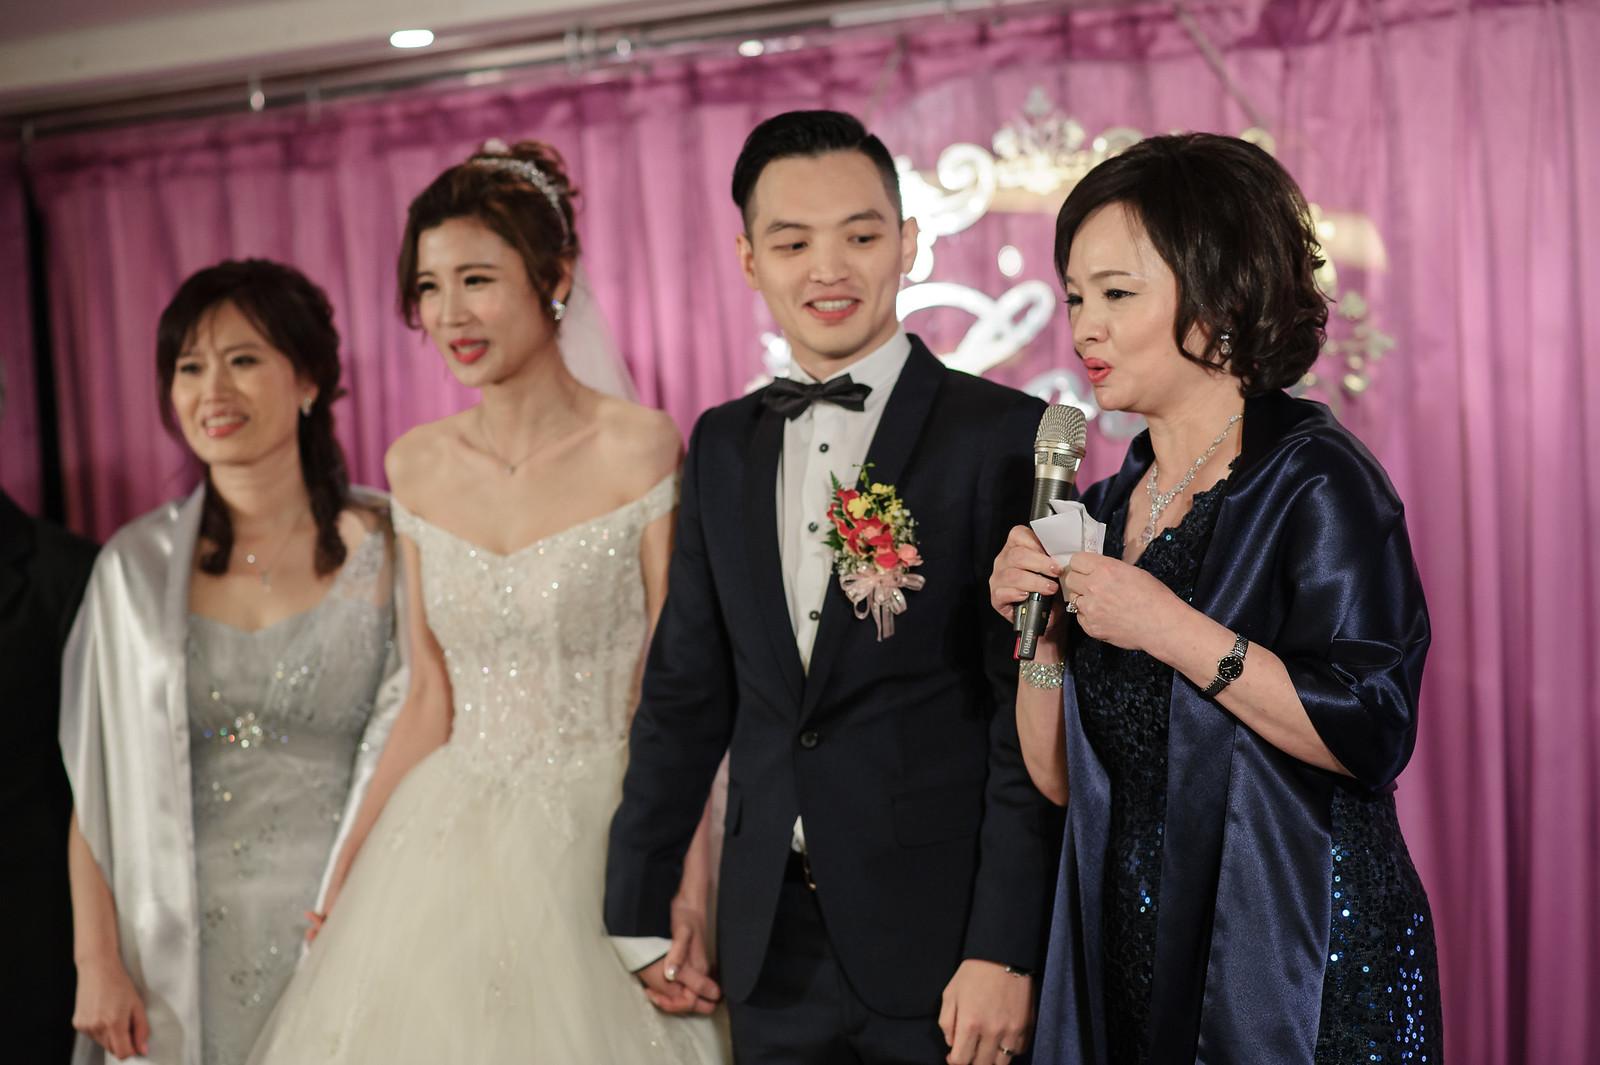 台北婚攝, 婚禮攝影, 婚攝, 婚攝守恆, 婚攝推薦, 晶華酒店, 晶華酒店婚宴, 晶華酒店婚攝-76